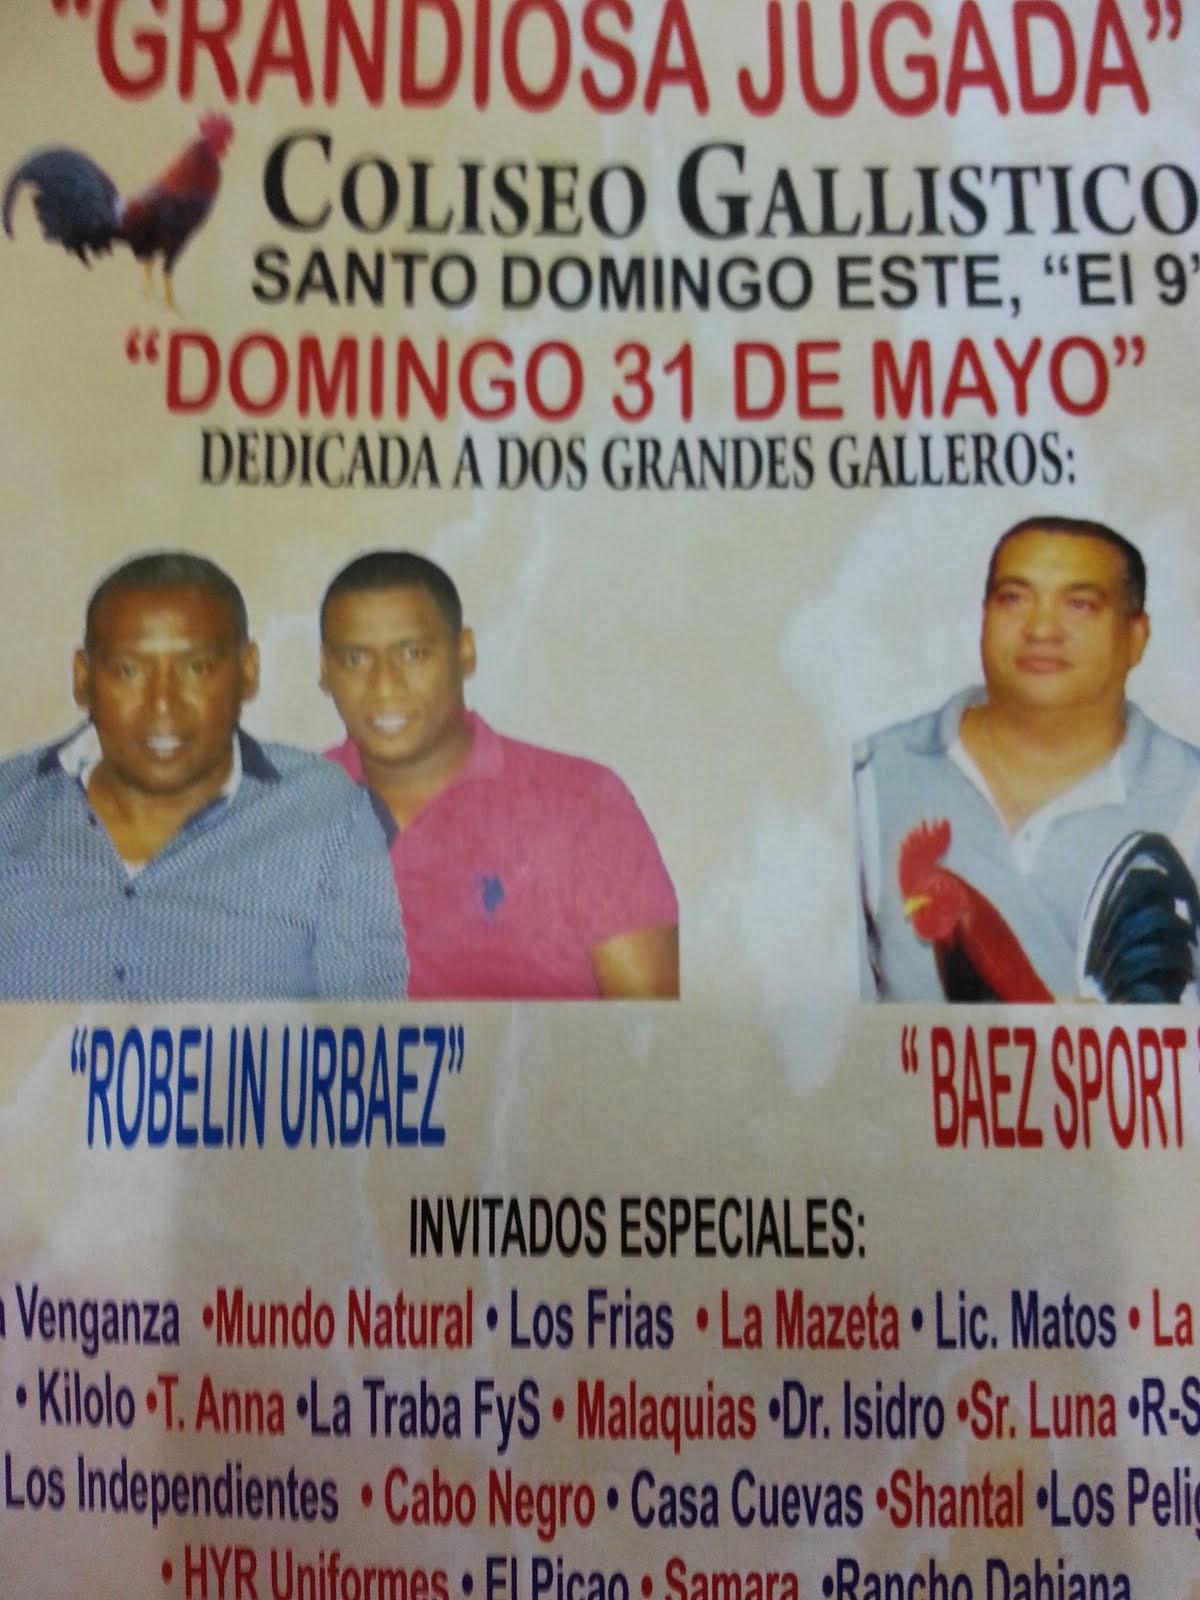 Gran Jugada dedicada a Baez Sport y a Robelin Urbaez este proximo 31 de Mayo 2015